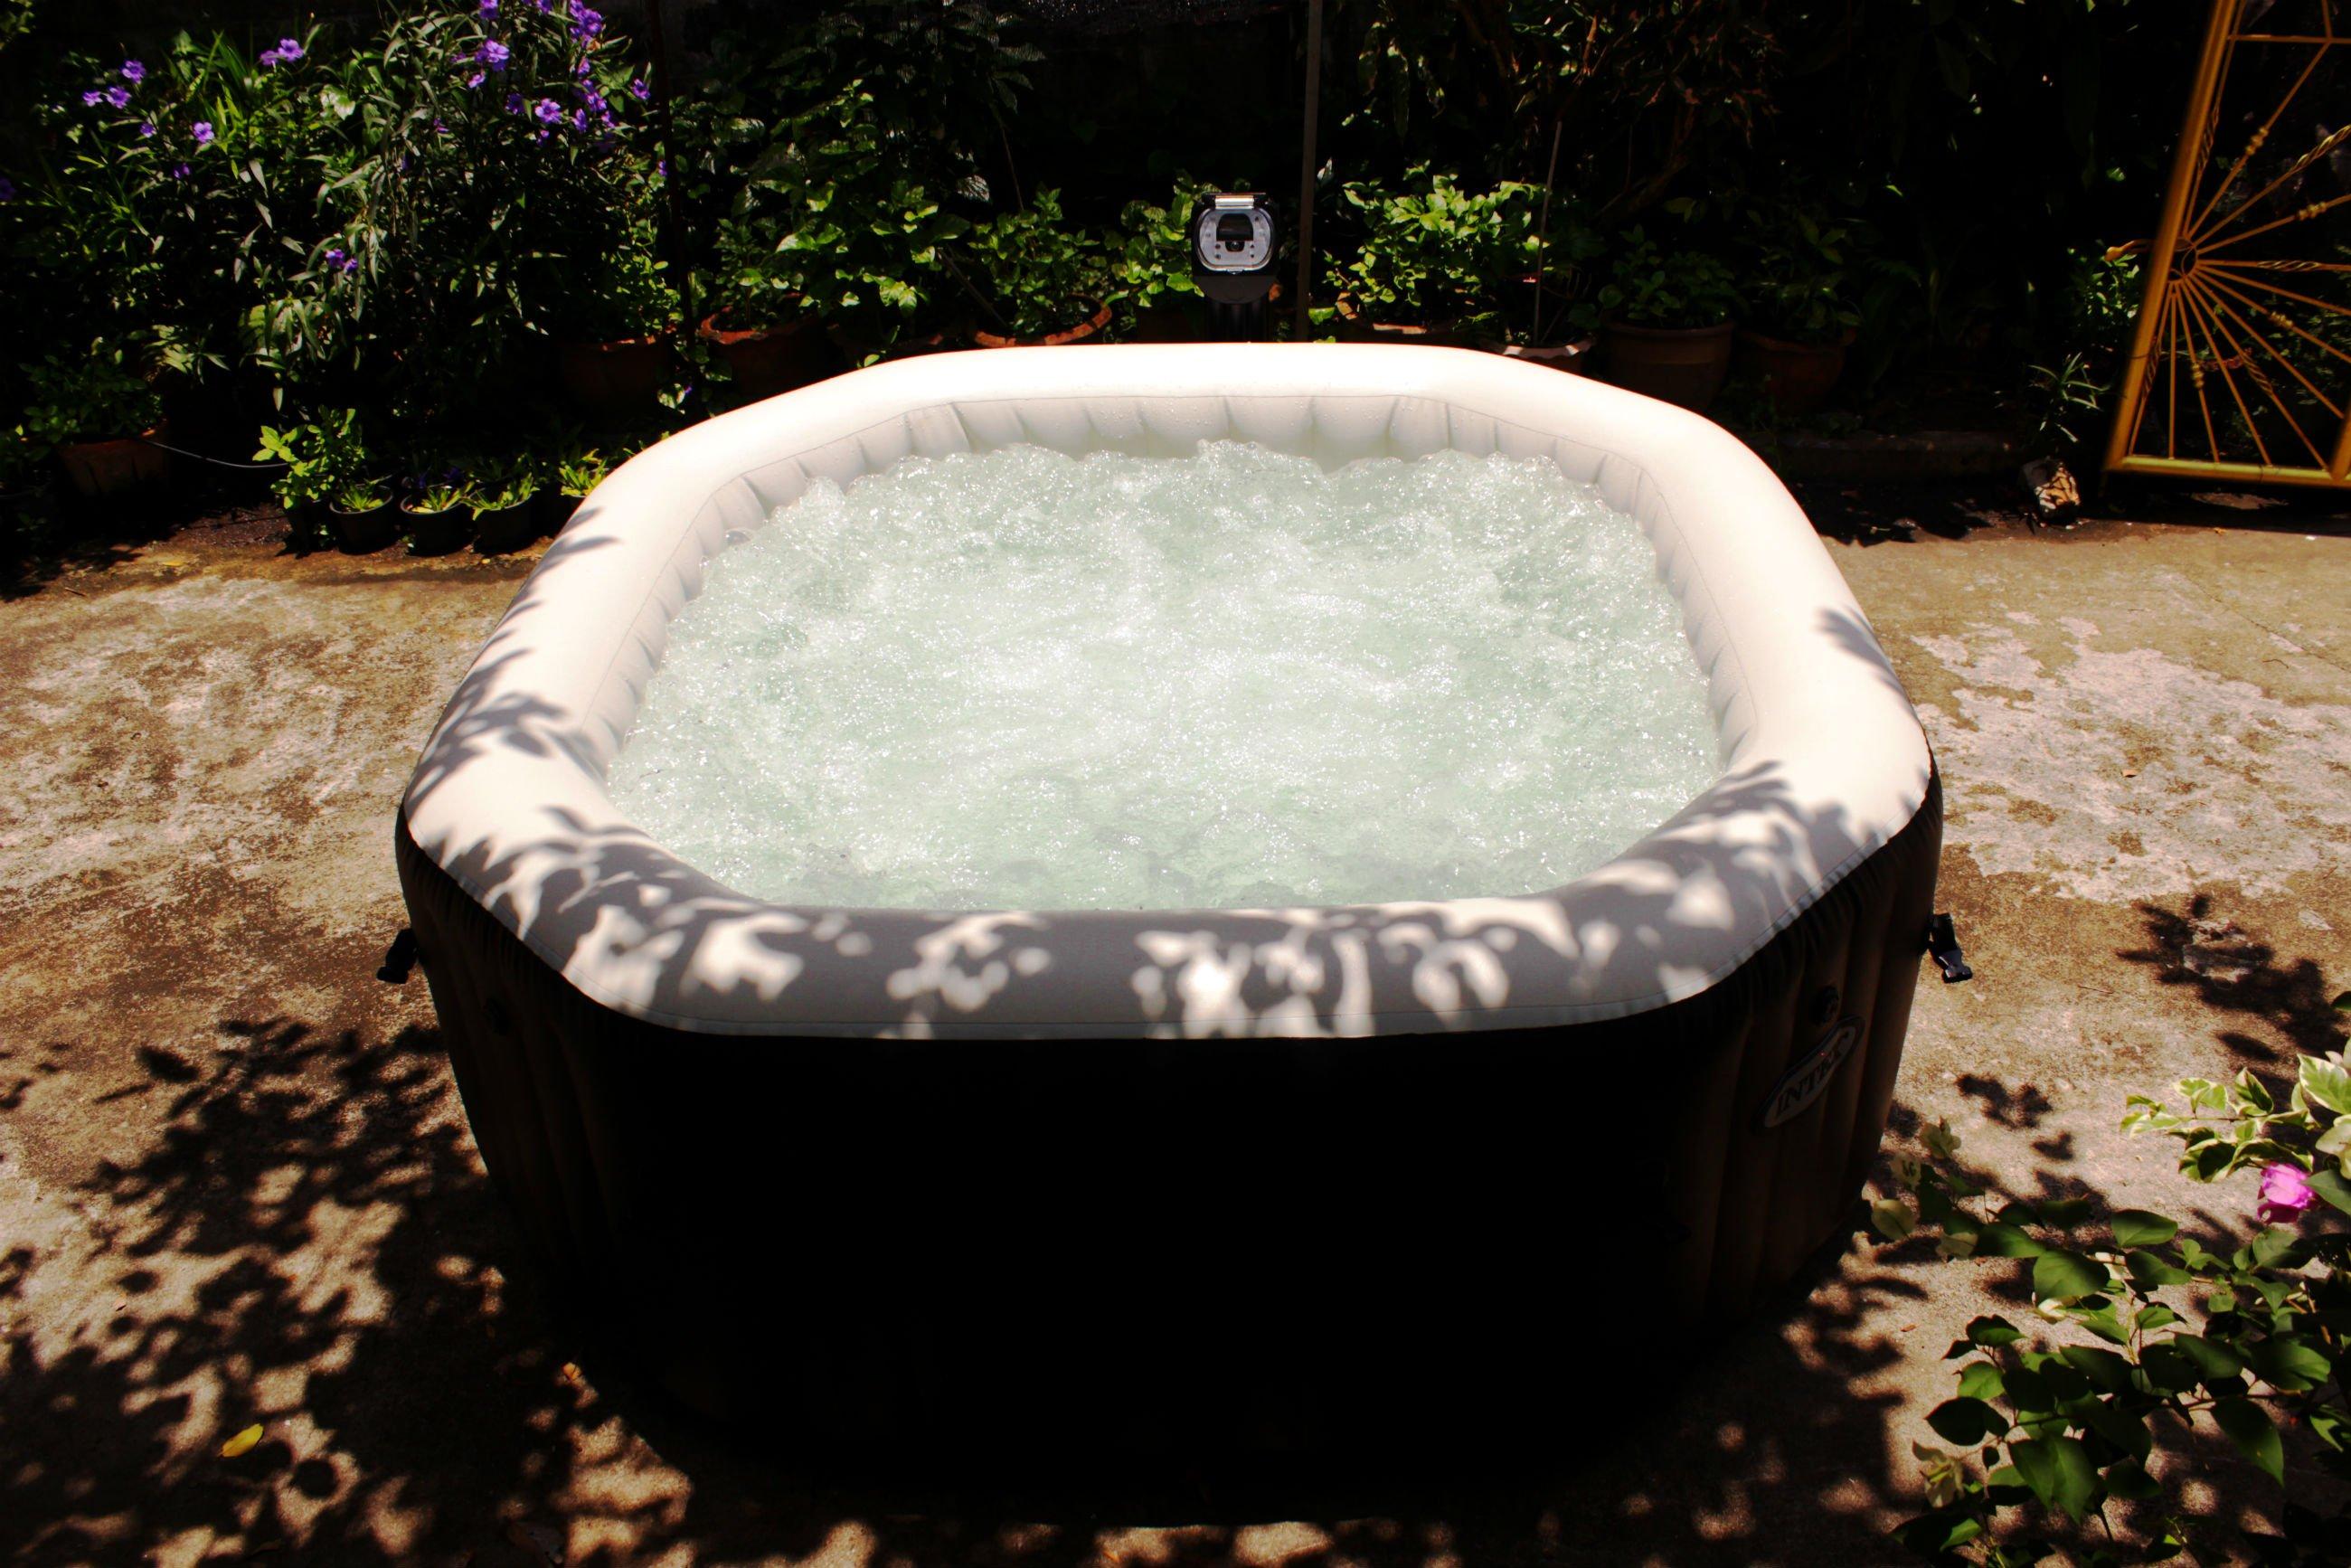 อ่างน้ำจากุซซี่ อ่างน้ำวน อ่างน้ำร้อน INTEX PURE SPA อ่างน้ำสปา อ่างน้ำอุ่นเพื่อสุขภาพ อ่างน้ำเพื่อผู้สูงอายุ อ่างน้ำเพื่อแม่